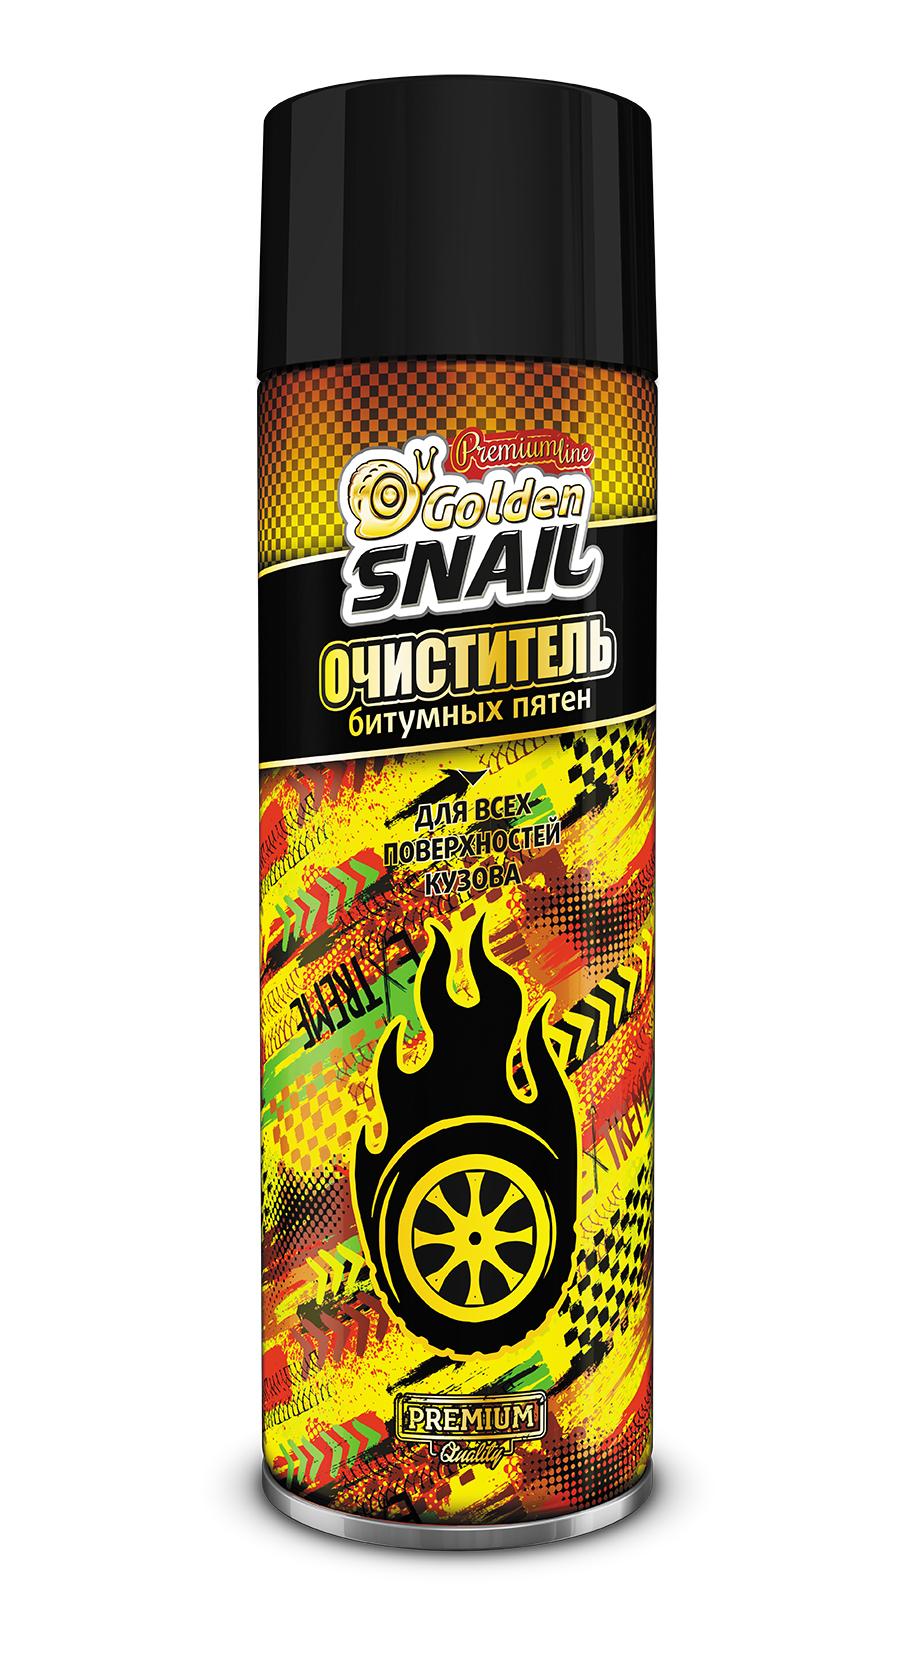 Очиститель битумных пятен/Tar remover Golden Snail GS 2005 очиститель битумных пятен sapfire 500 мл